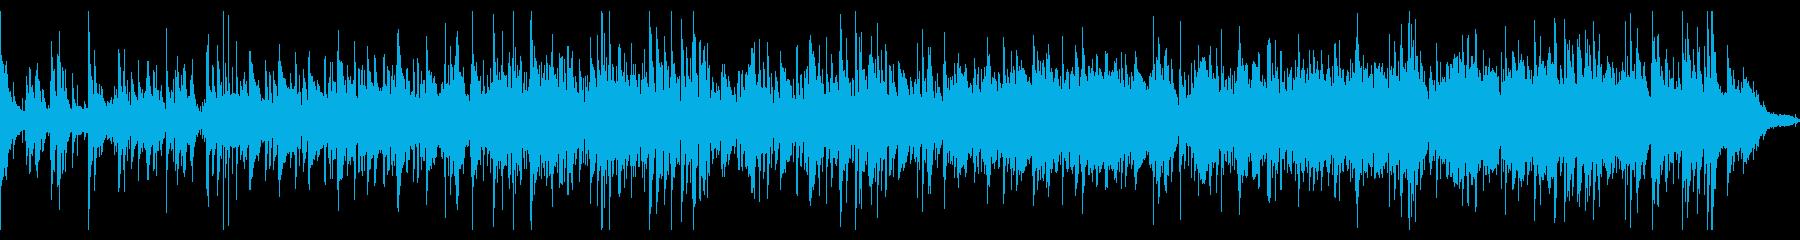 ジャズ・ピアノトリオでやや緊迫した疾走感の再生済みの波形